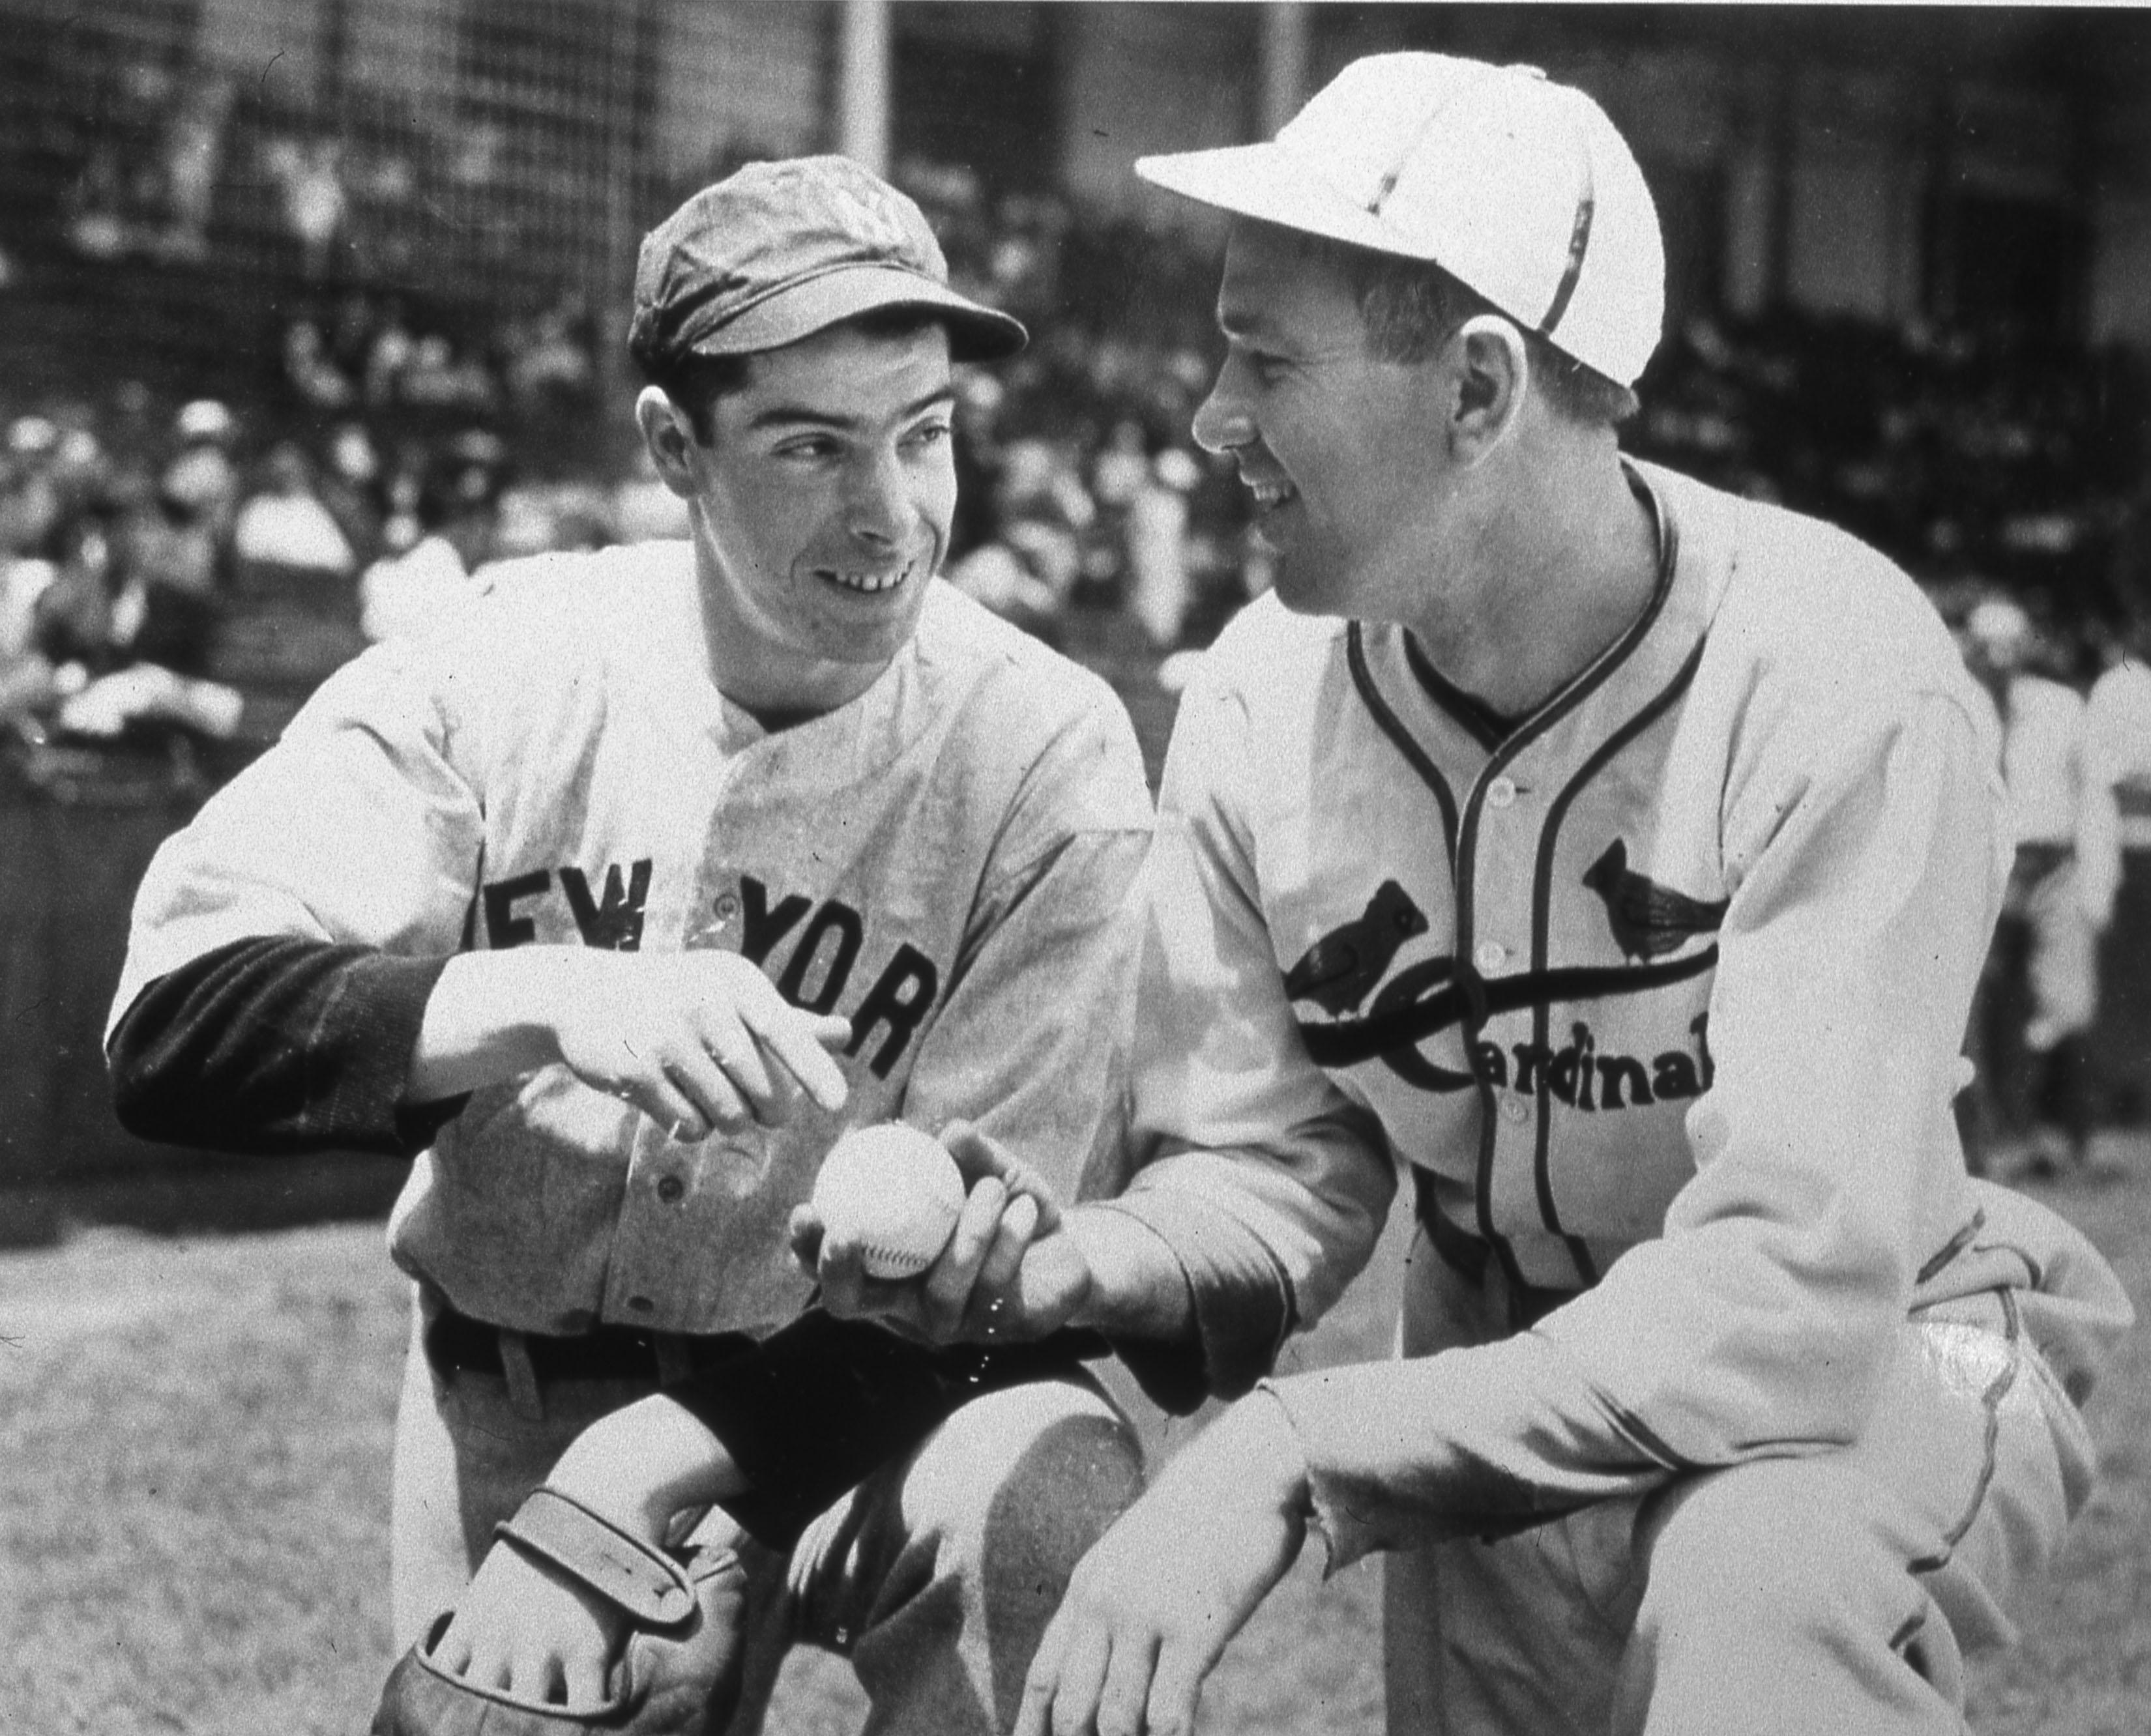 Joe DiMaggio Dizzy Dean 1936 All Star Game